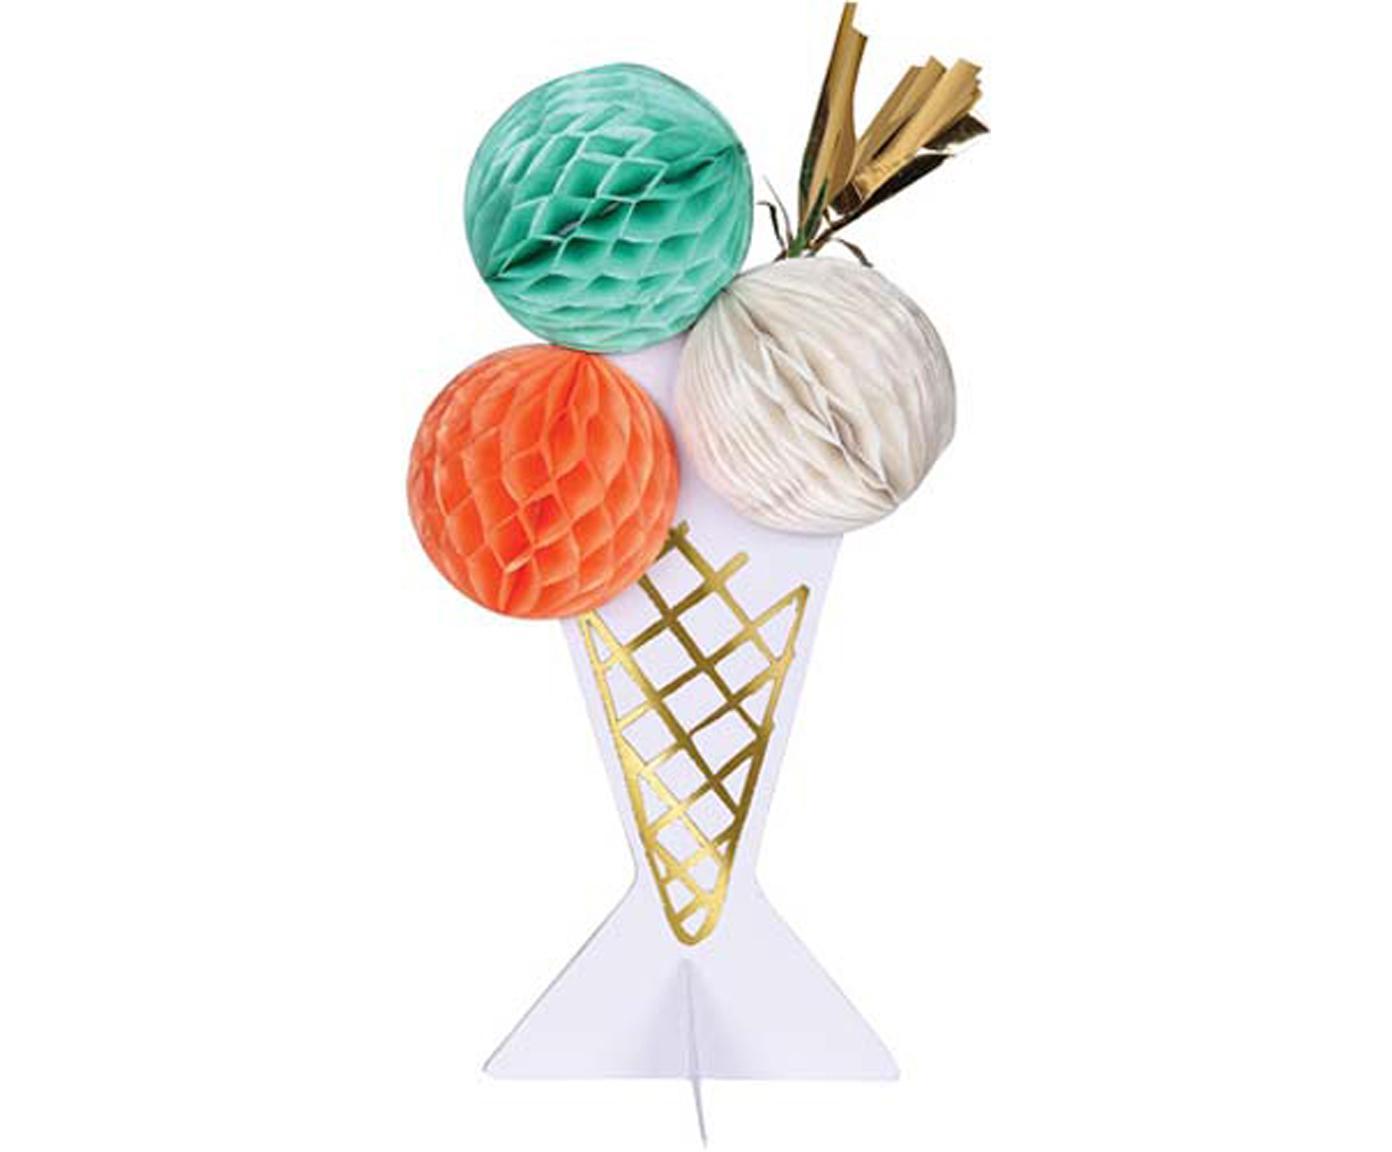 Kartka urodzinowa Ice Cream, Papier, Blady różowy, biały, zielony miętowy, odcienie złotego, D 13 x S 19 cm